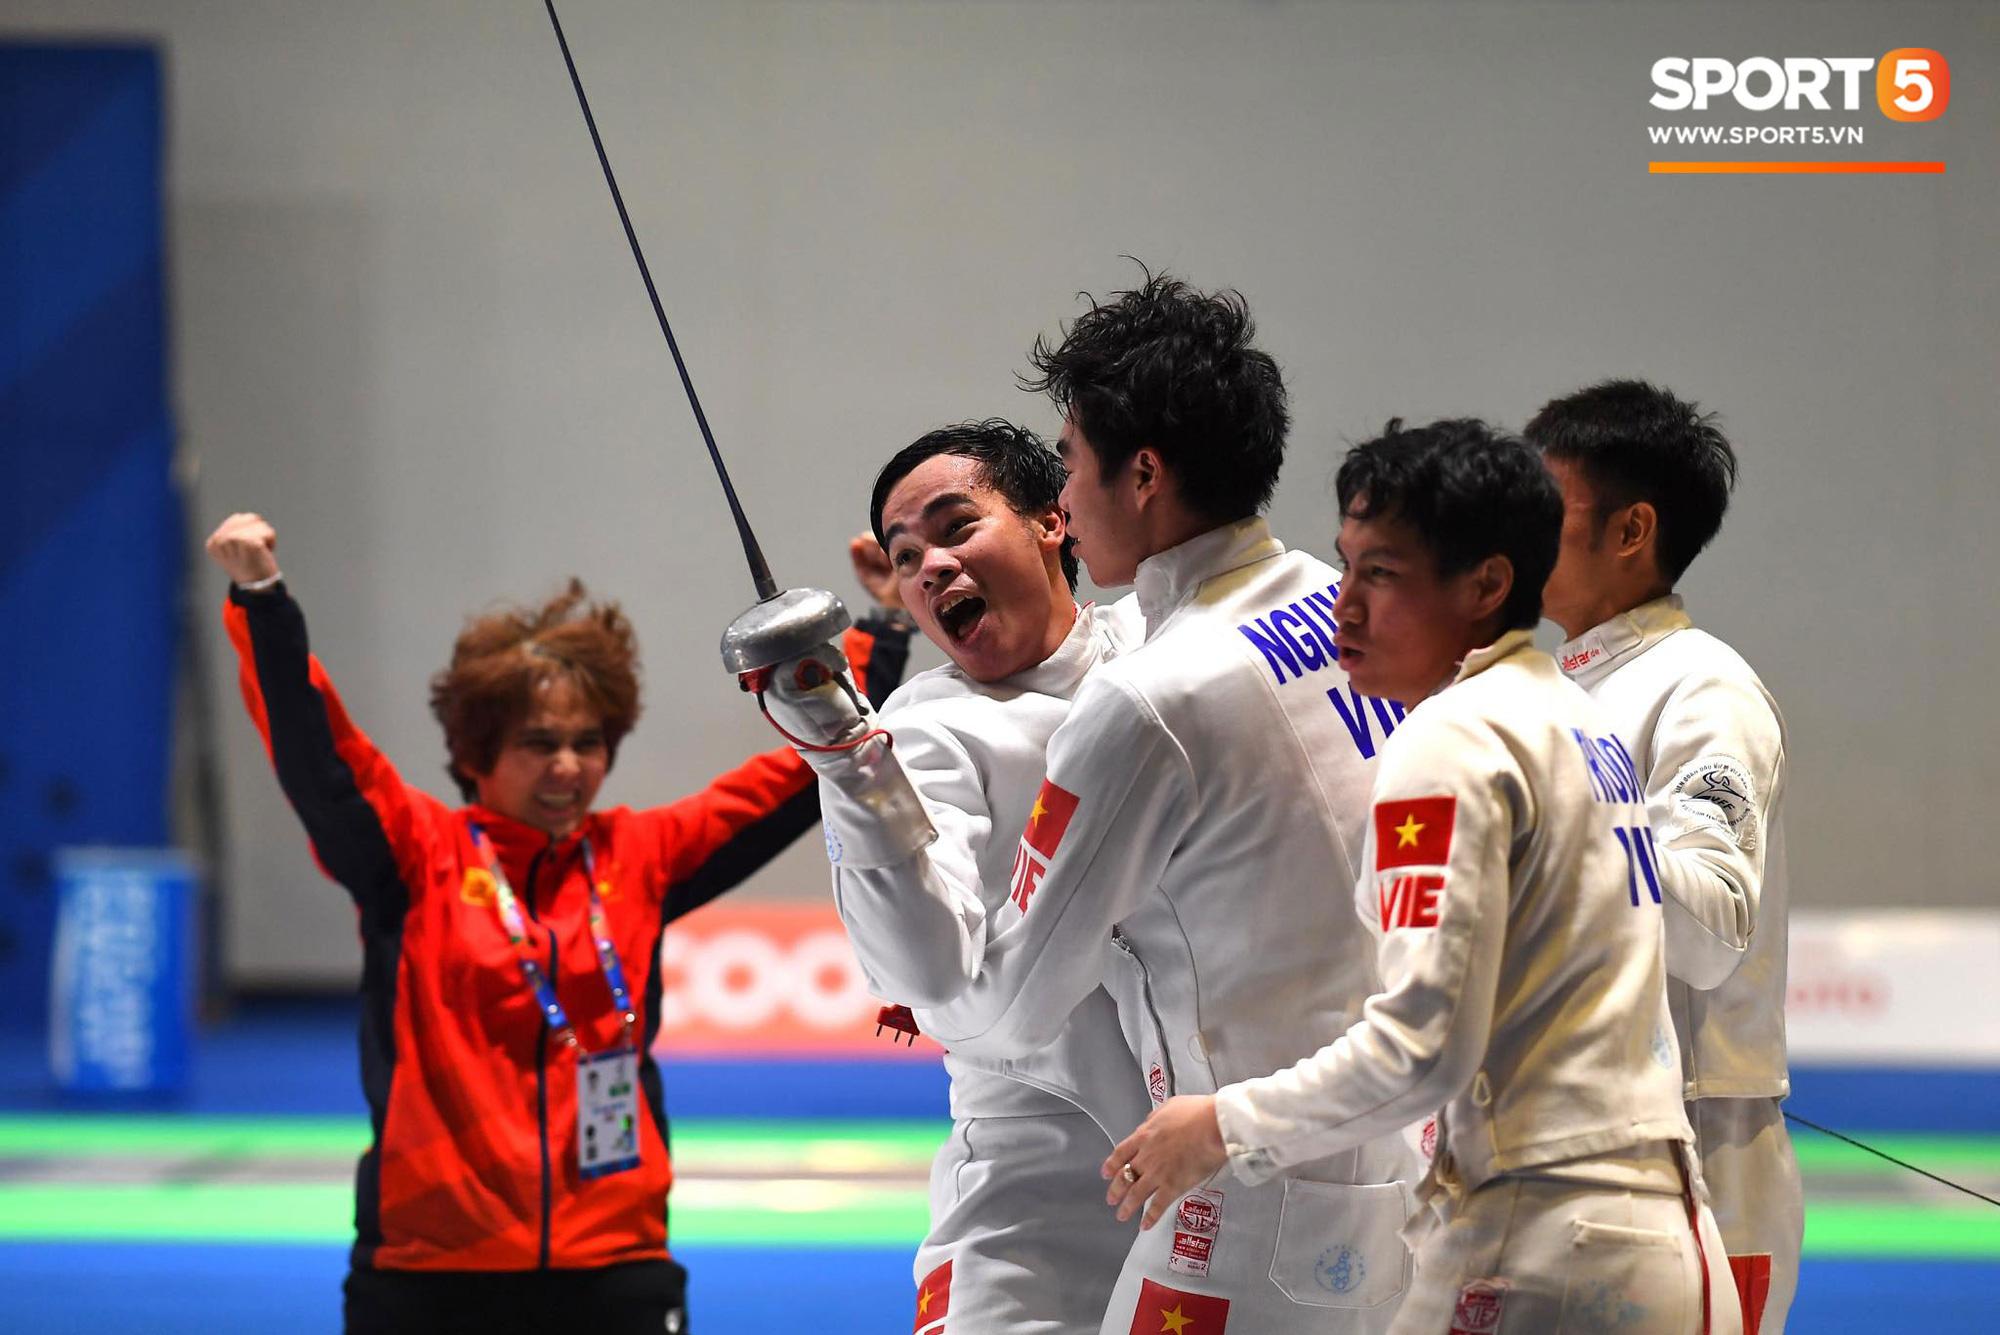 SEA Games ngày 8/12: Nữ hoàng điền kinh Tú Chinh vượt 2 VĐV nhập tịch trong tích tắc, xuất sắc giành HCV chung cuộc - Ảnh 50.